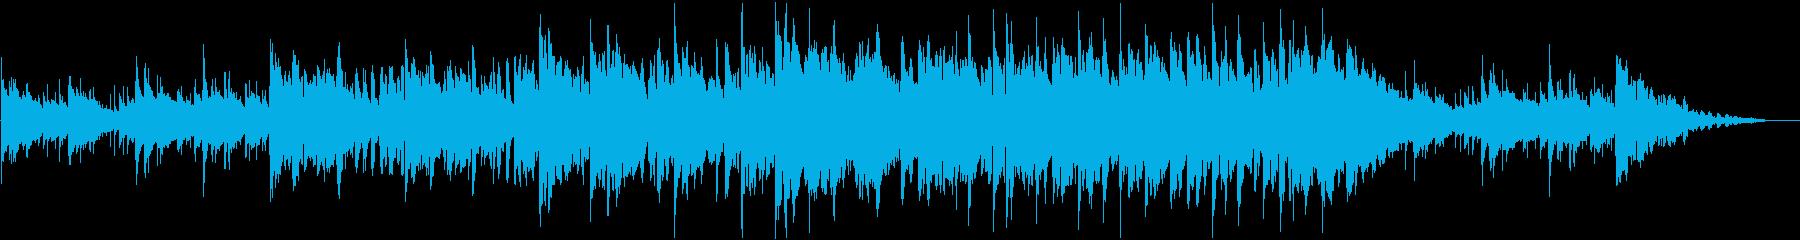 生ティンホイッスルとバイオリンのケルト曲の再生済みの波形